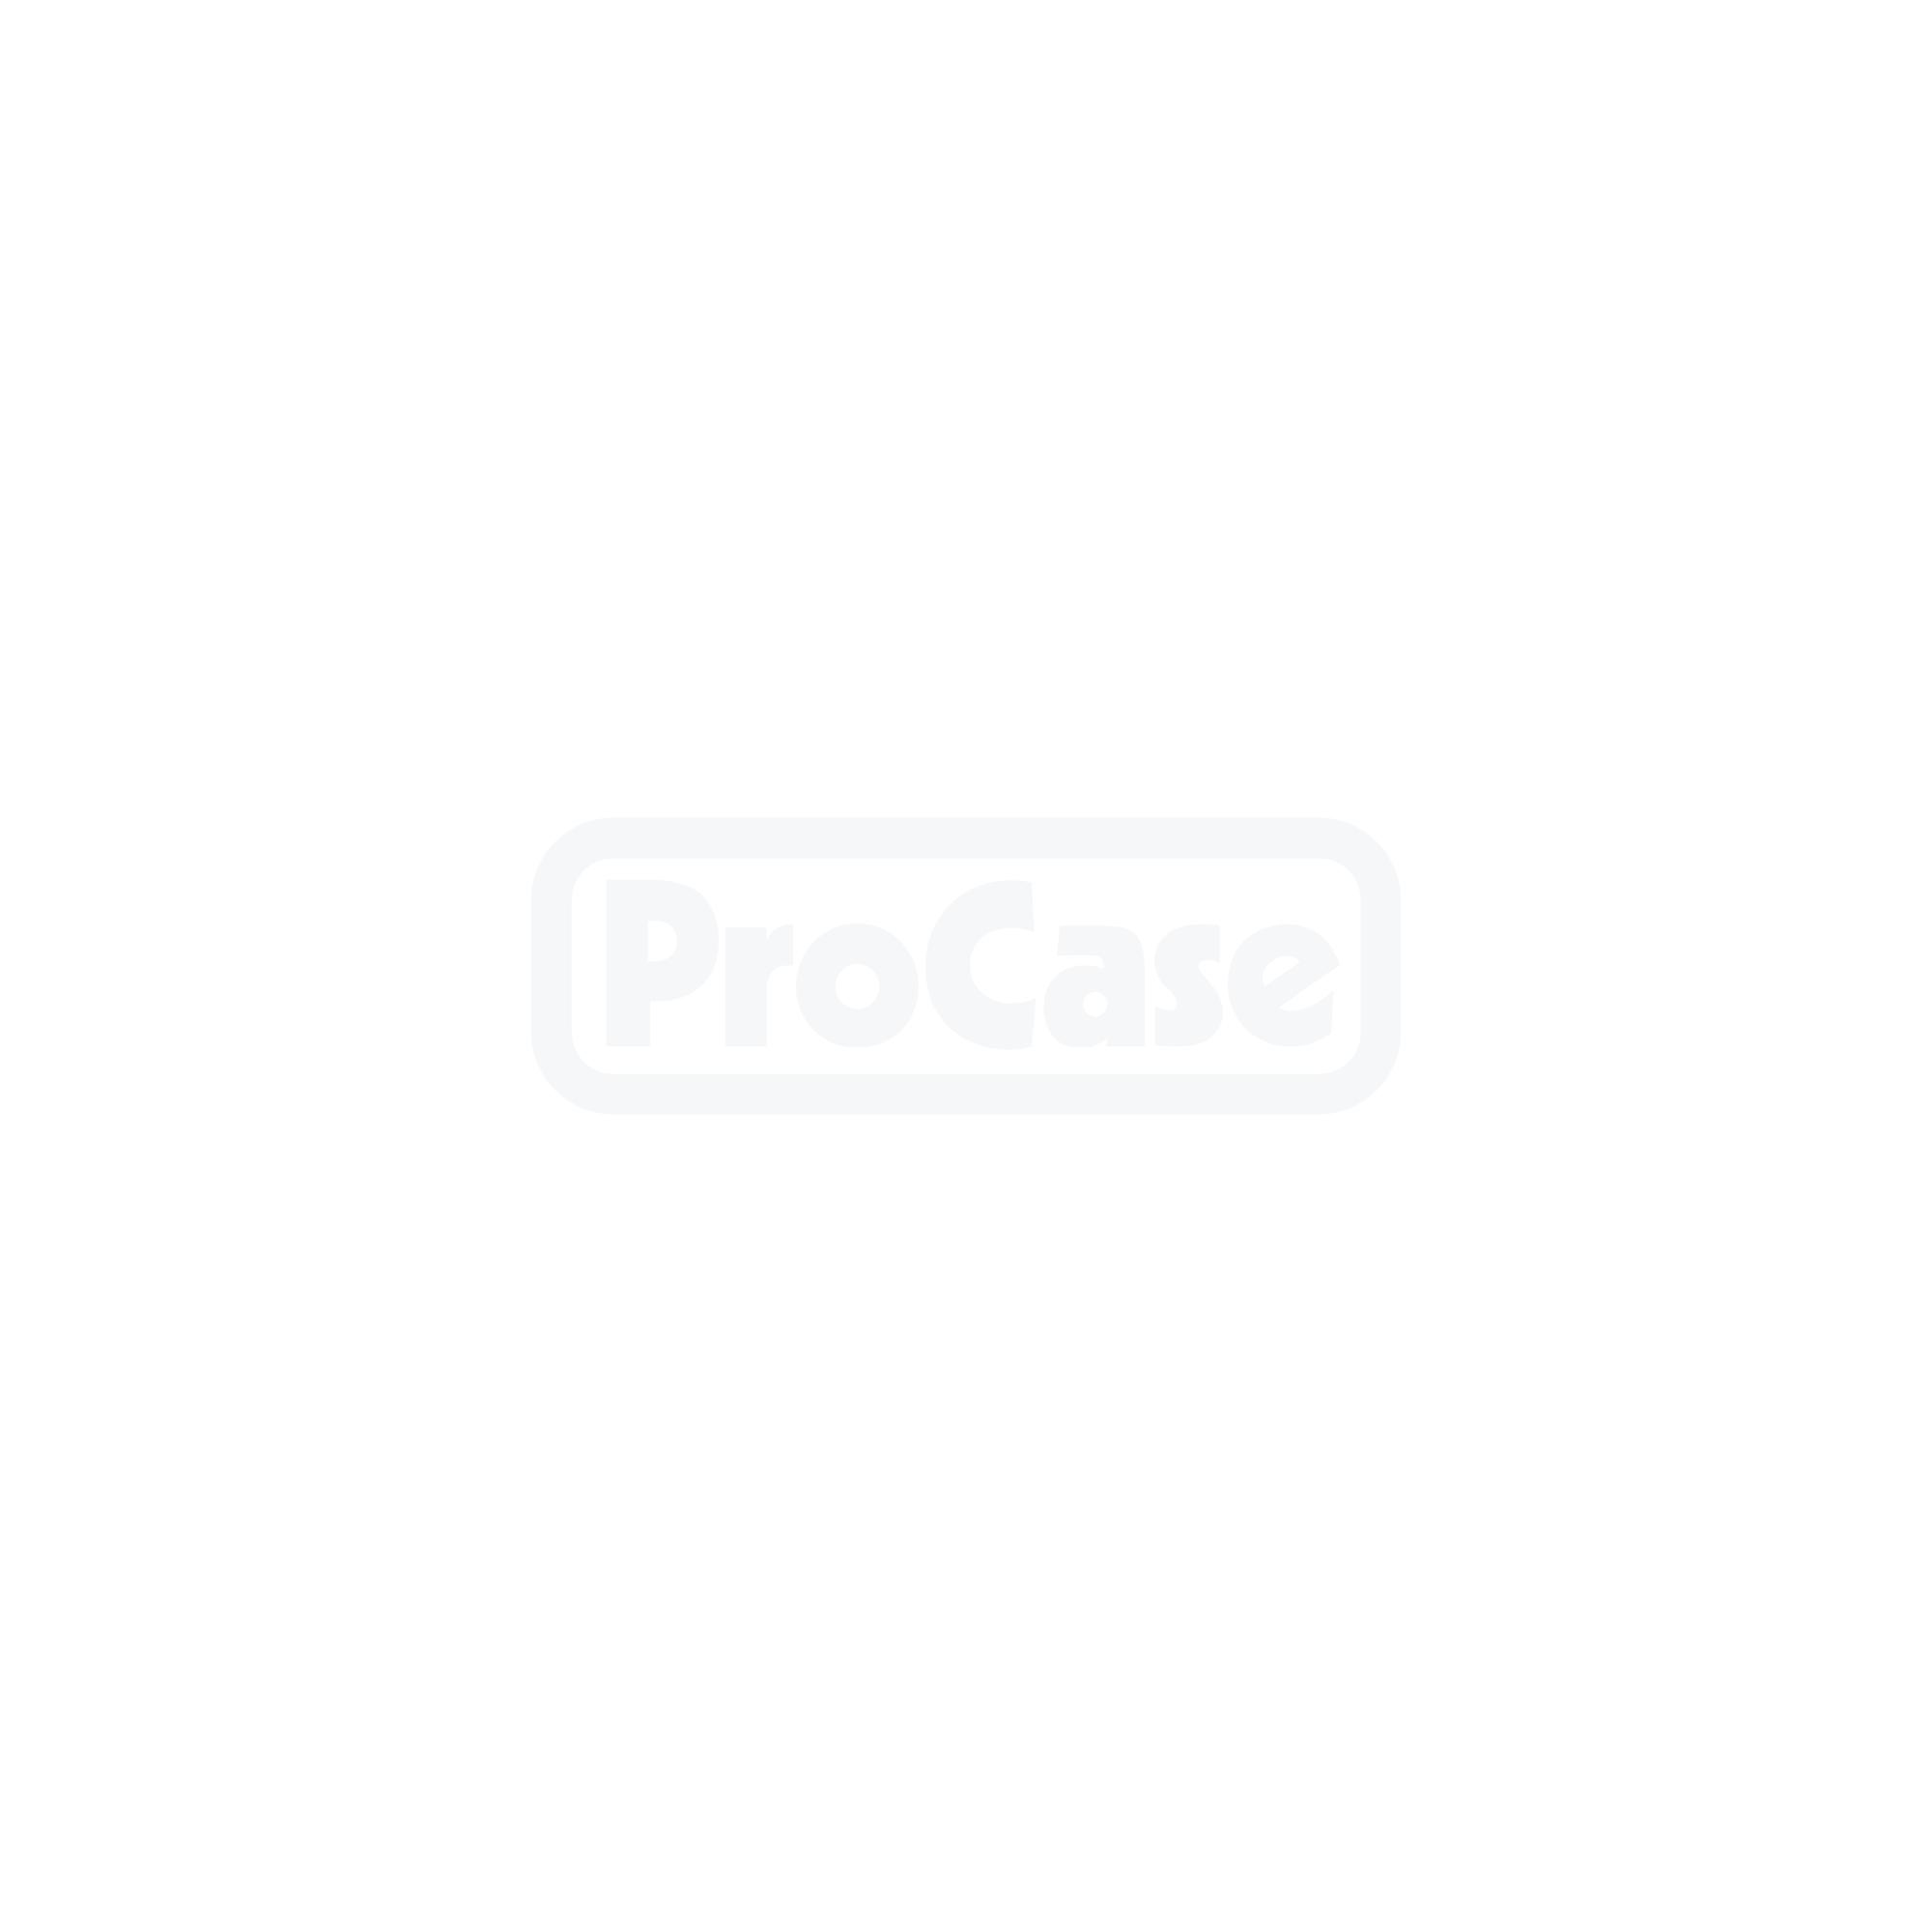 QSD Stack-Rack 5HE 800 tief 2